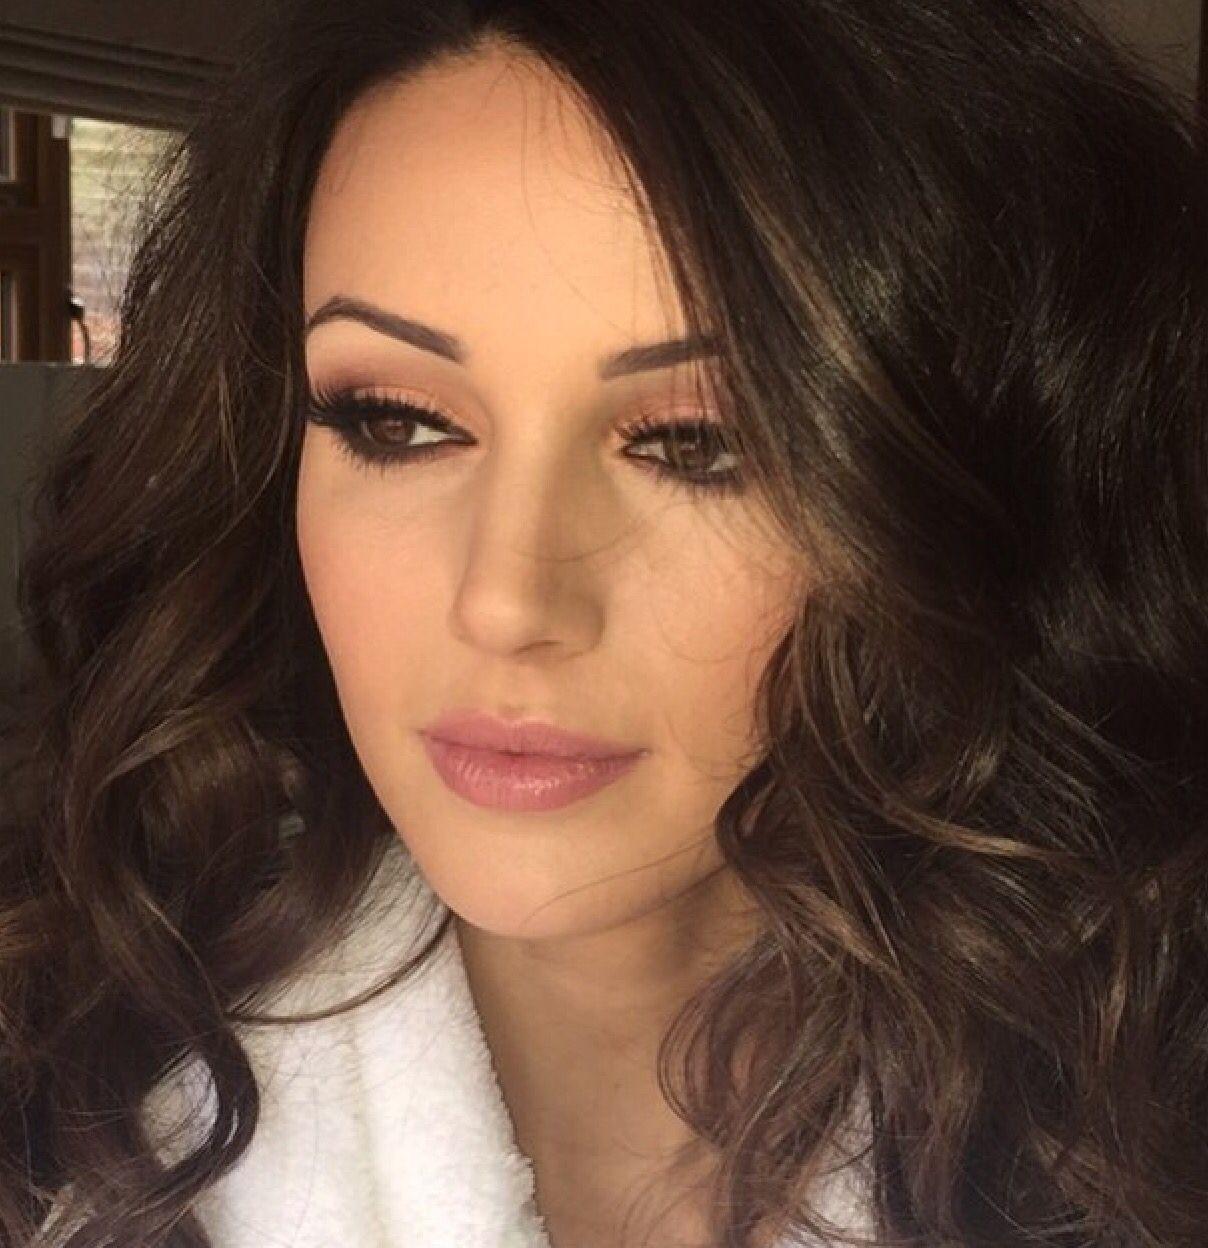 michelle keegan makeup tutorial